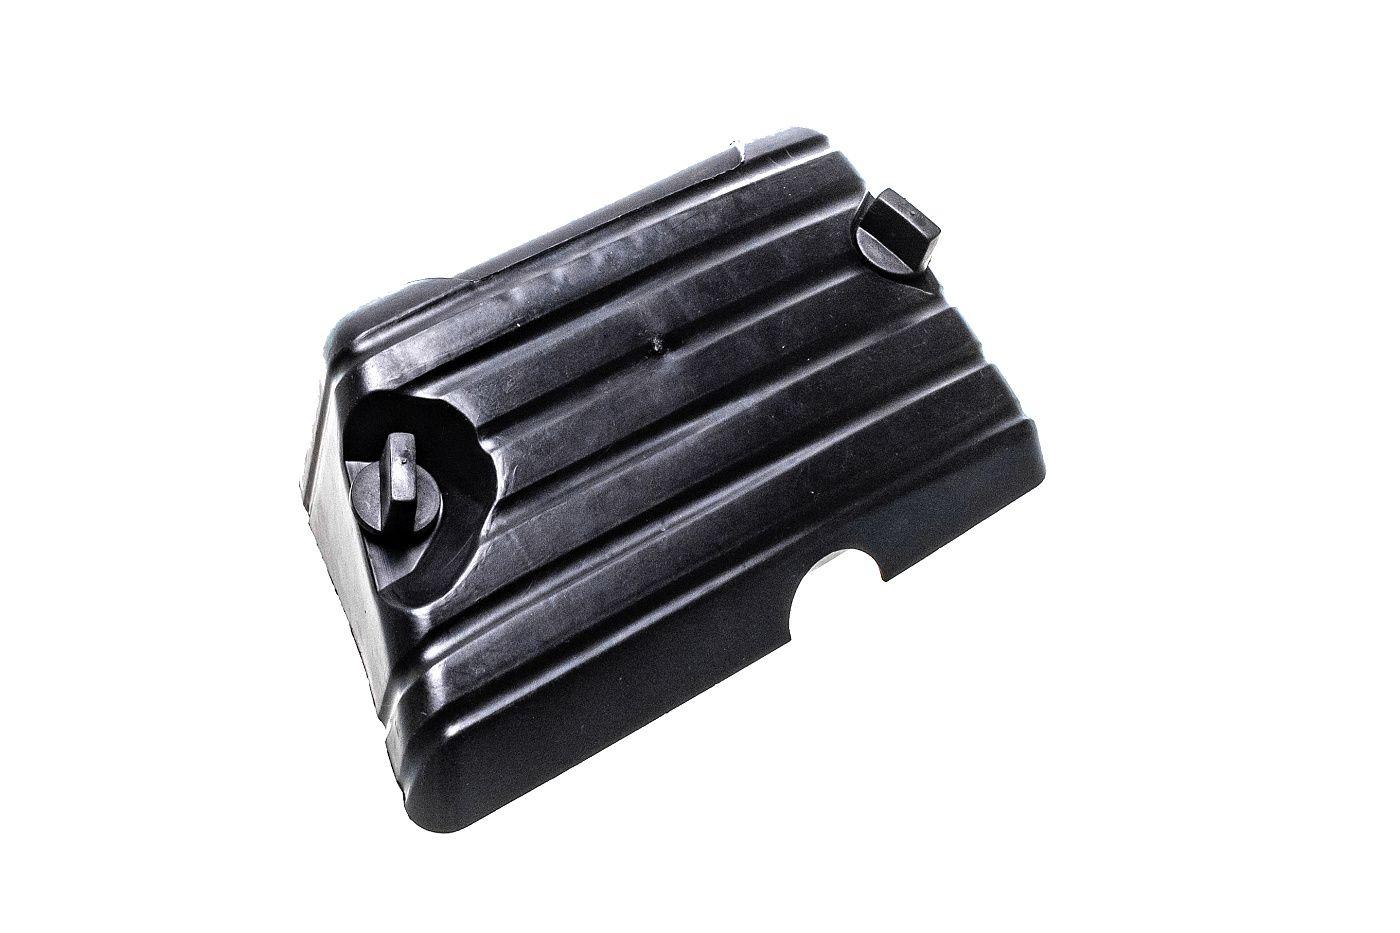 Kompletní vzduchový filtr Honda 154 154F 156 156F